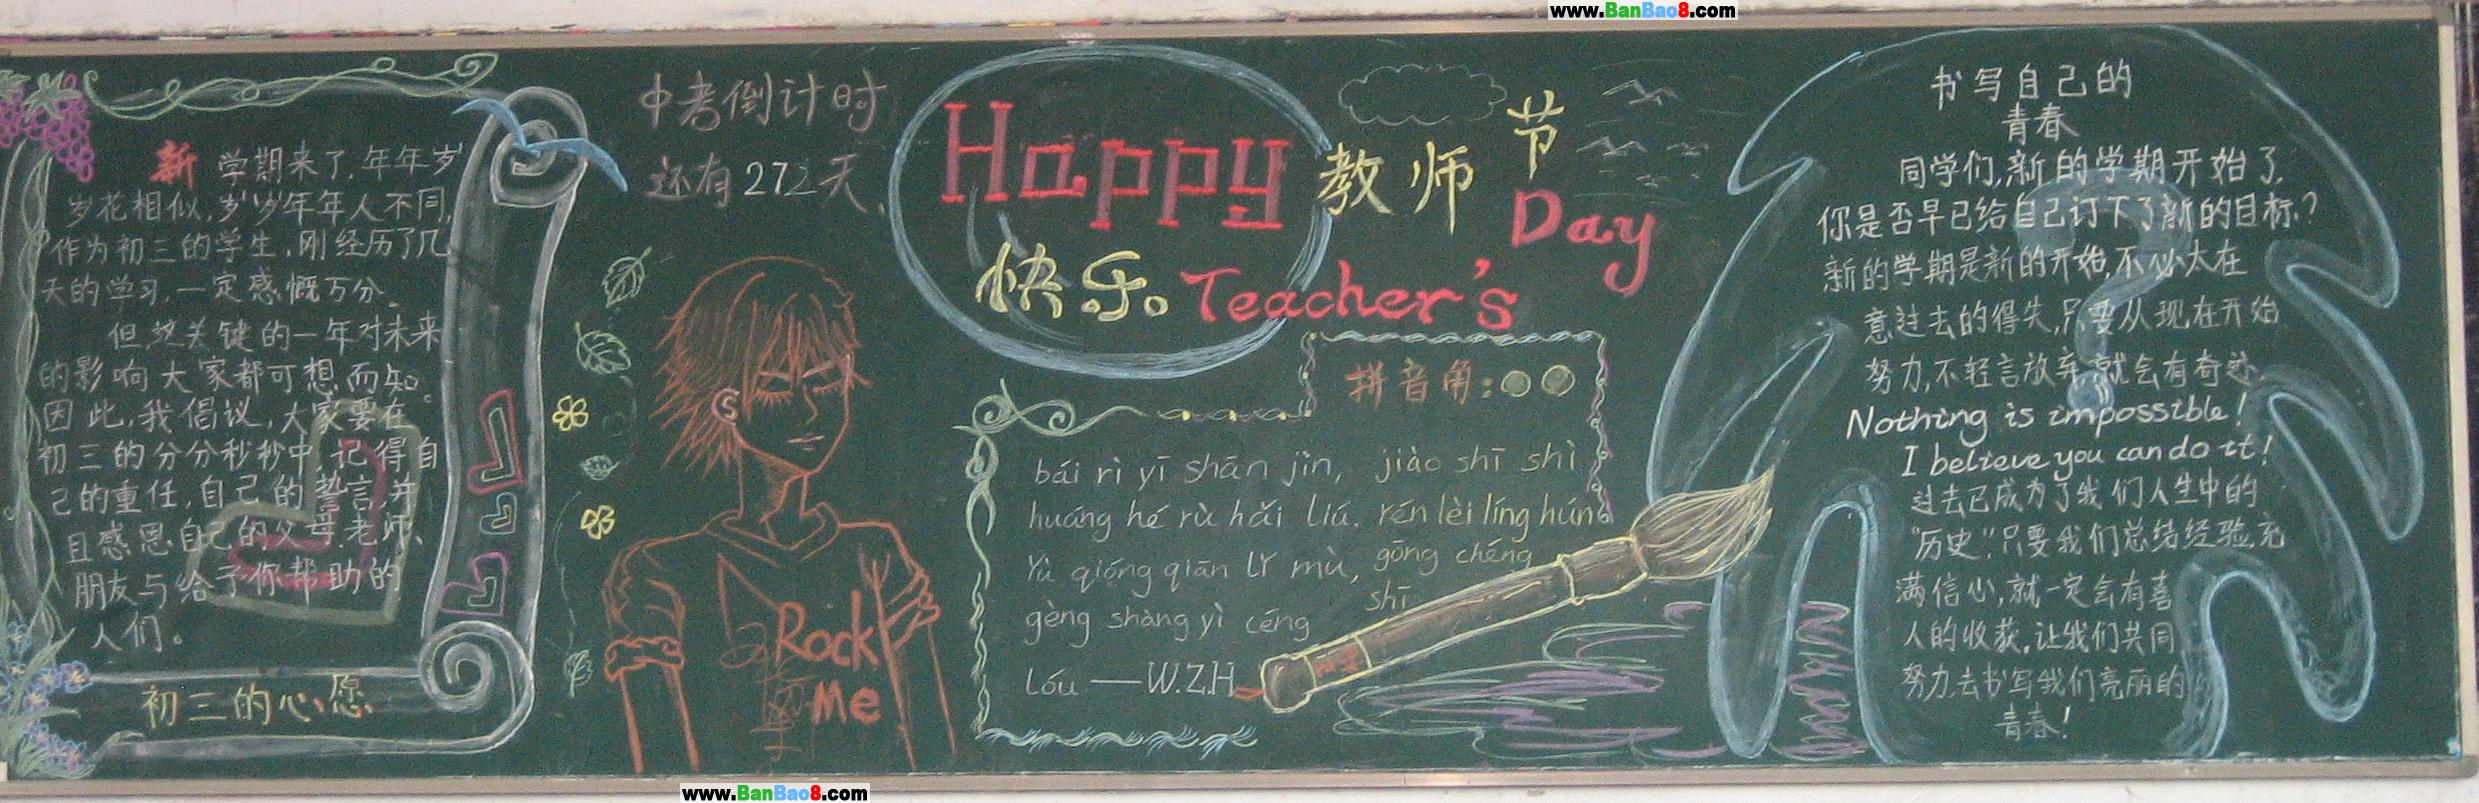 感恩教师节黑板报内容